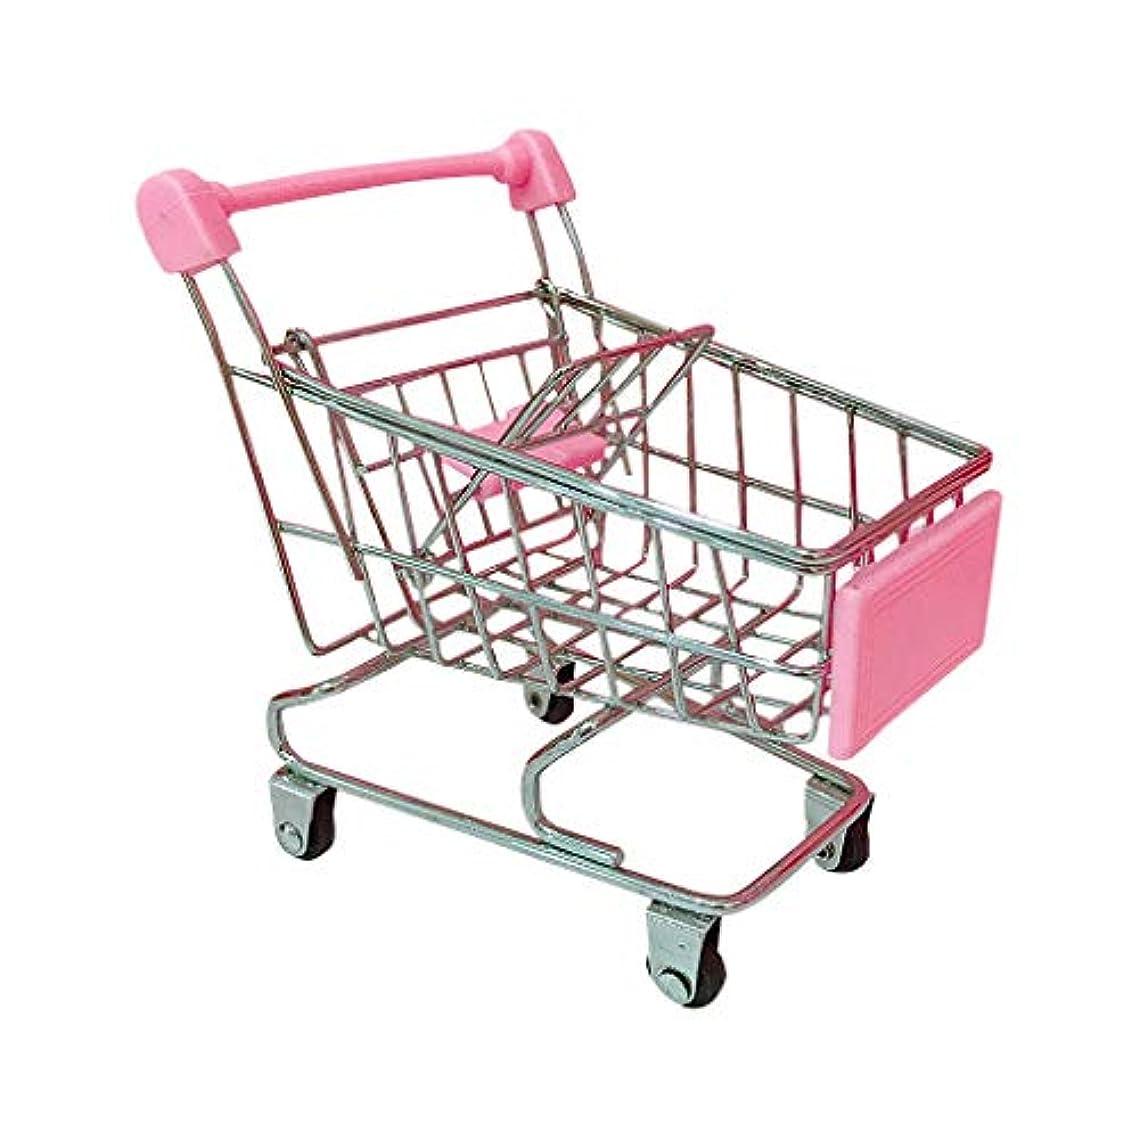 大邸宅食品リサイクルするショッピングカート プレイセット キッチンヘビーゲージスチール玩具 子供用 おままごと セット おもちゃ お店屋さんごっこ 手押し車 (金属ステンレス, 11x7.8x12.5cm)